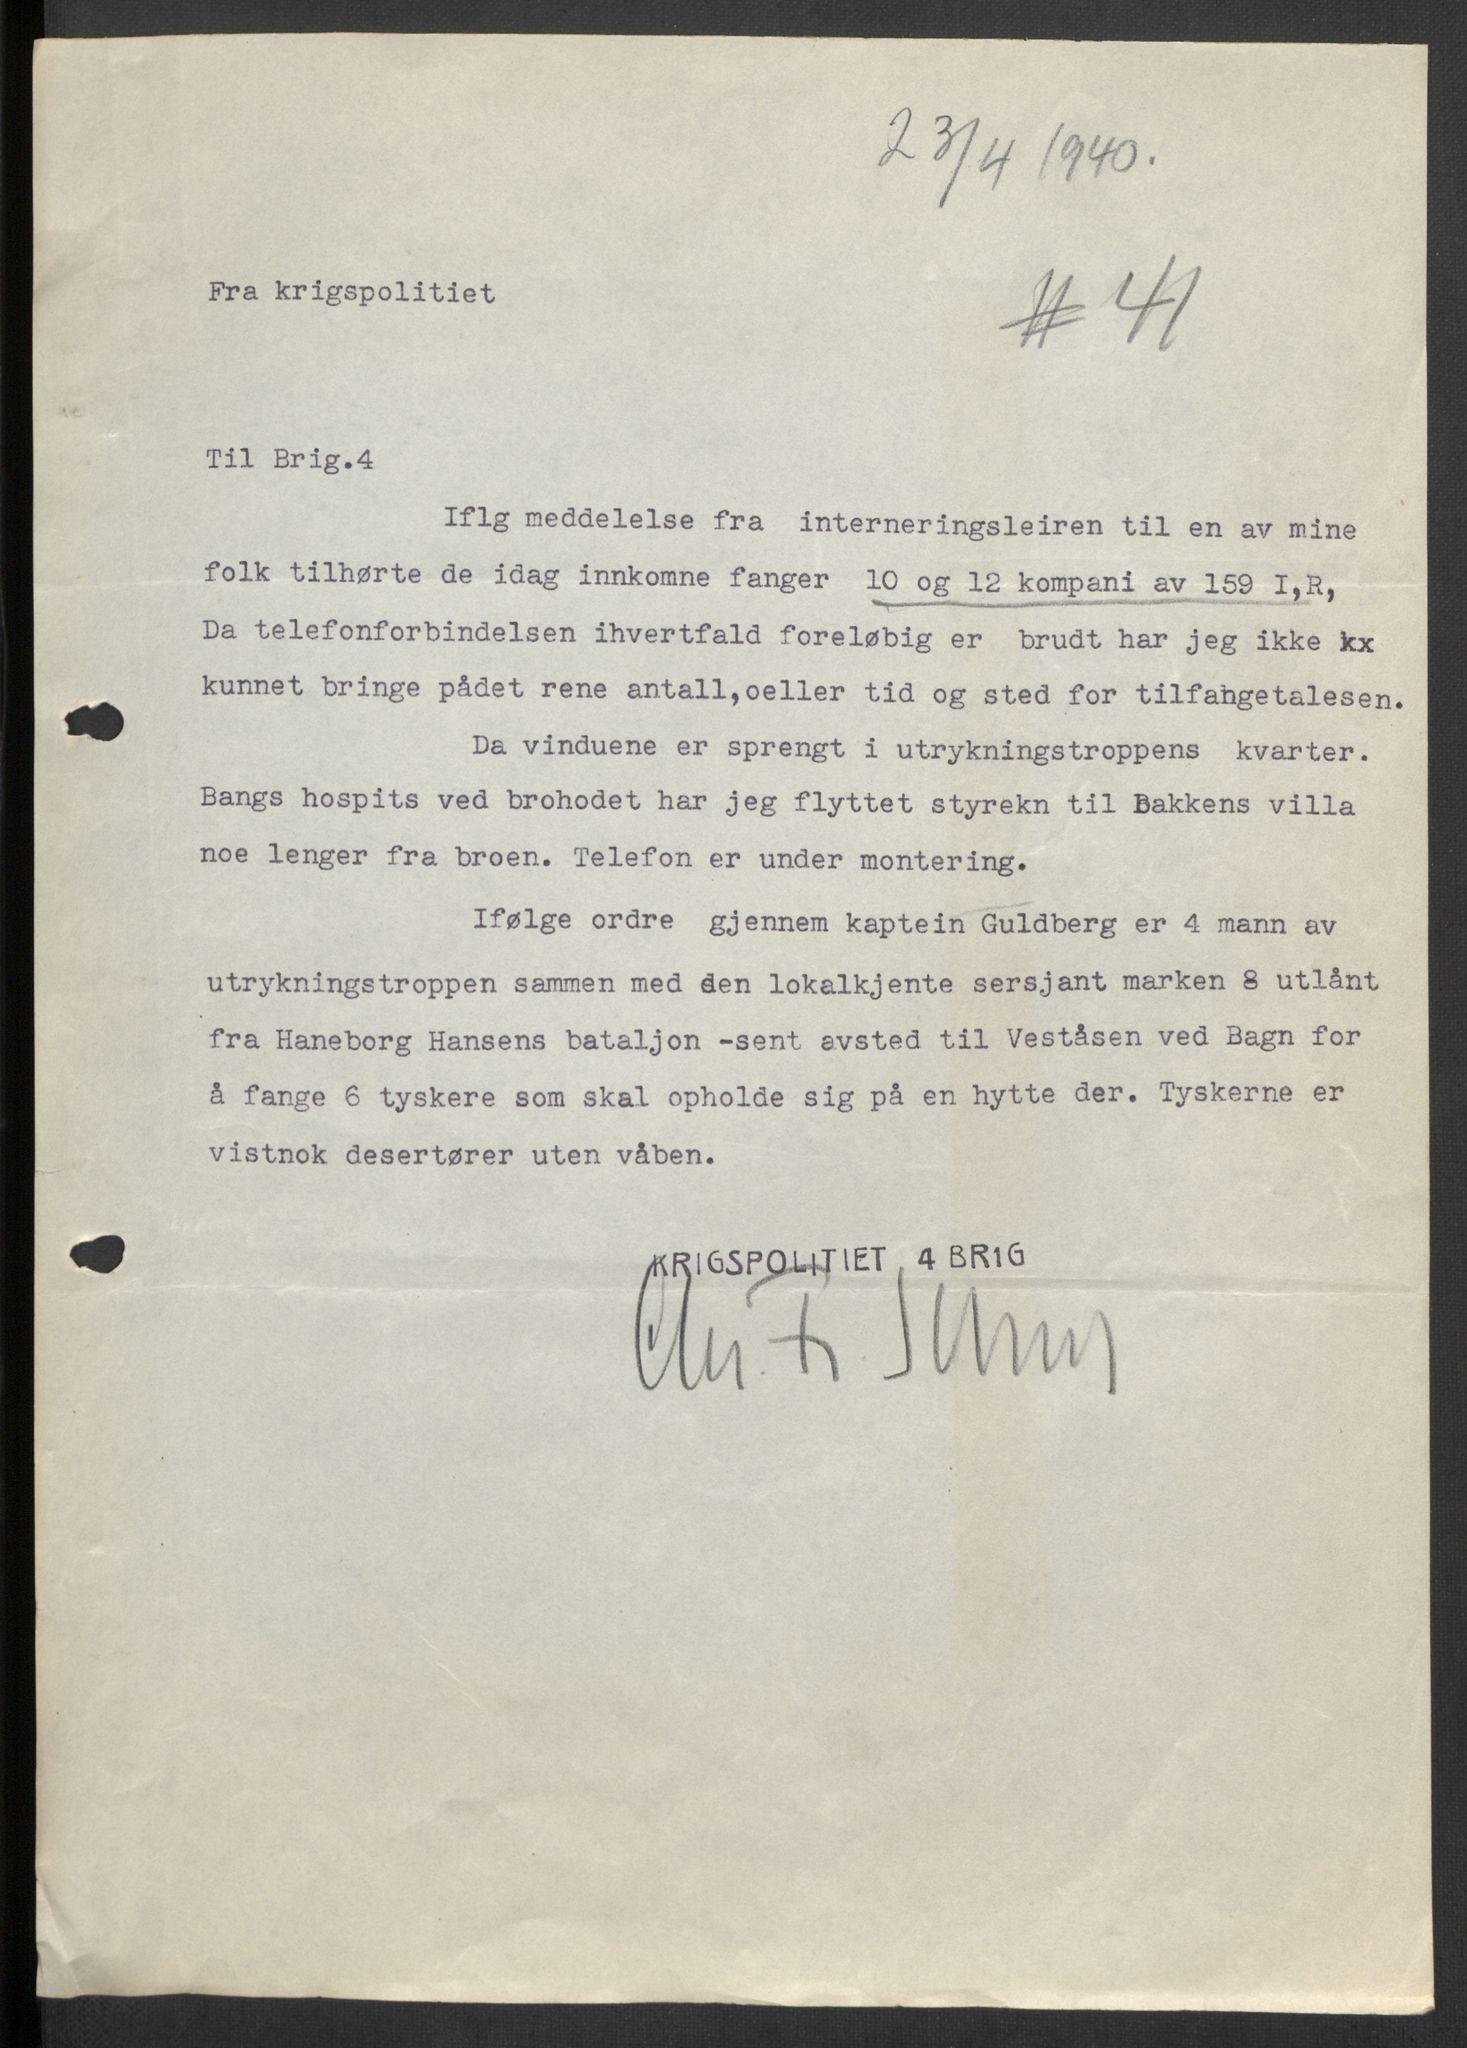 RA, Forsvaret, Forsvarets krigshistoriske avdeling, Y/Yb/L0104: II-C-11-430  -  4. Divisjon., 1940, s. 246